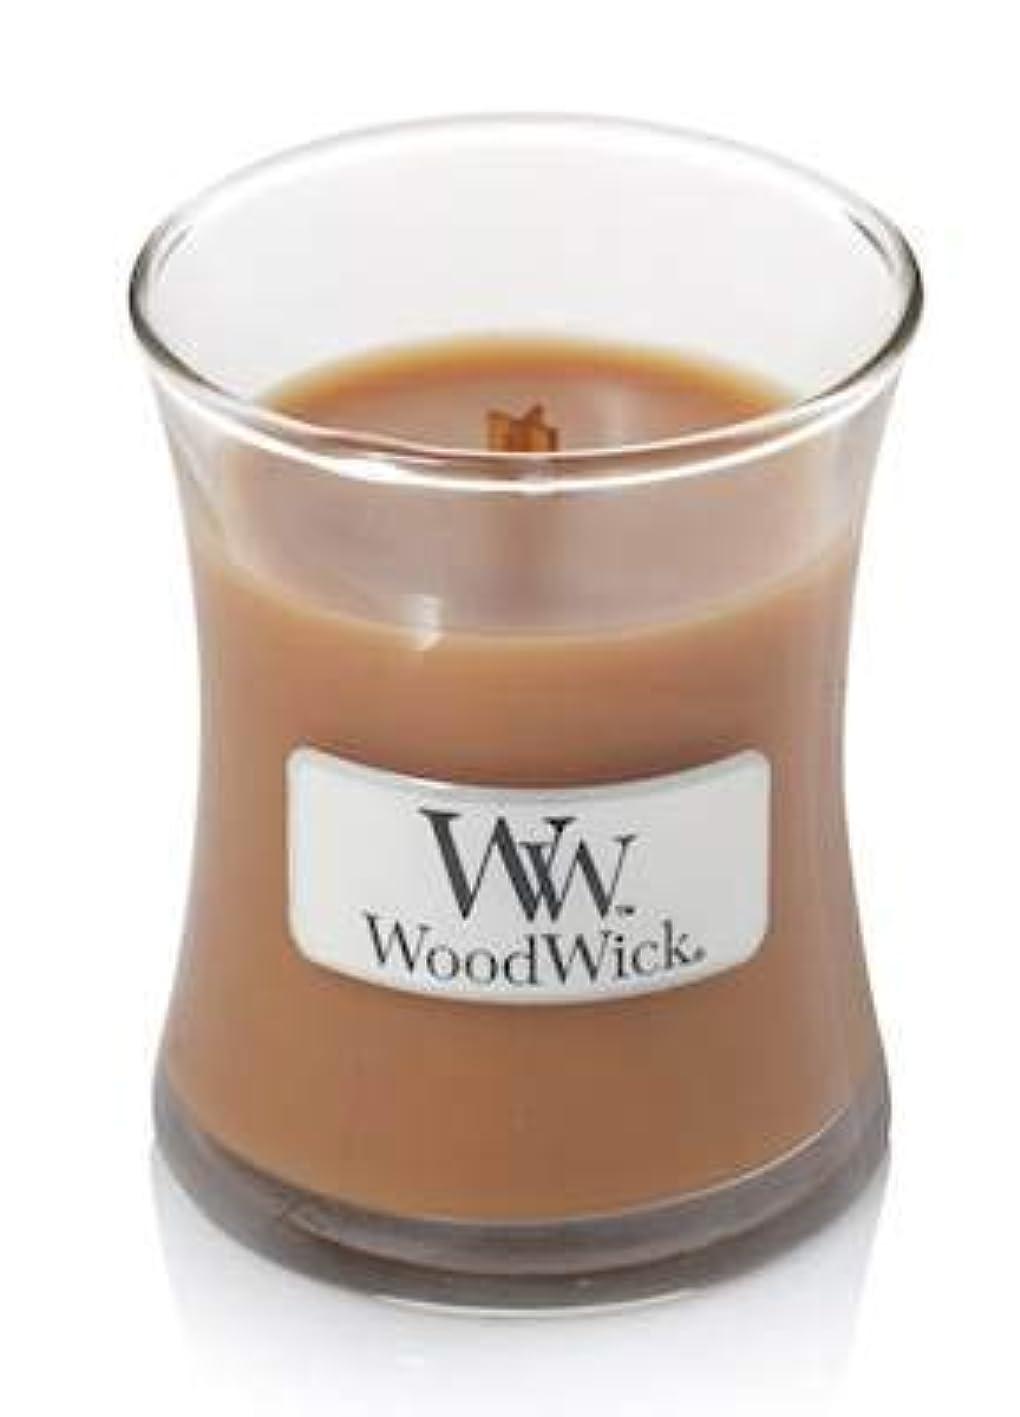 ねじれ電子貧困Hot Toddy WoodWick Candle 3.4オンス